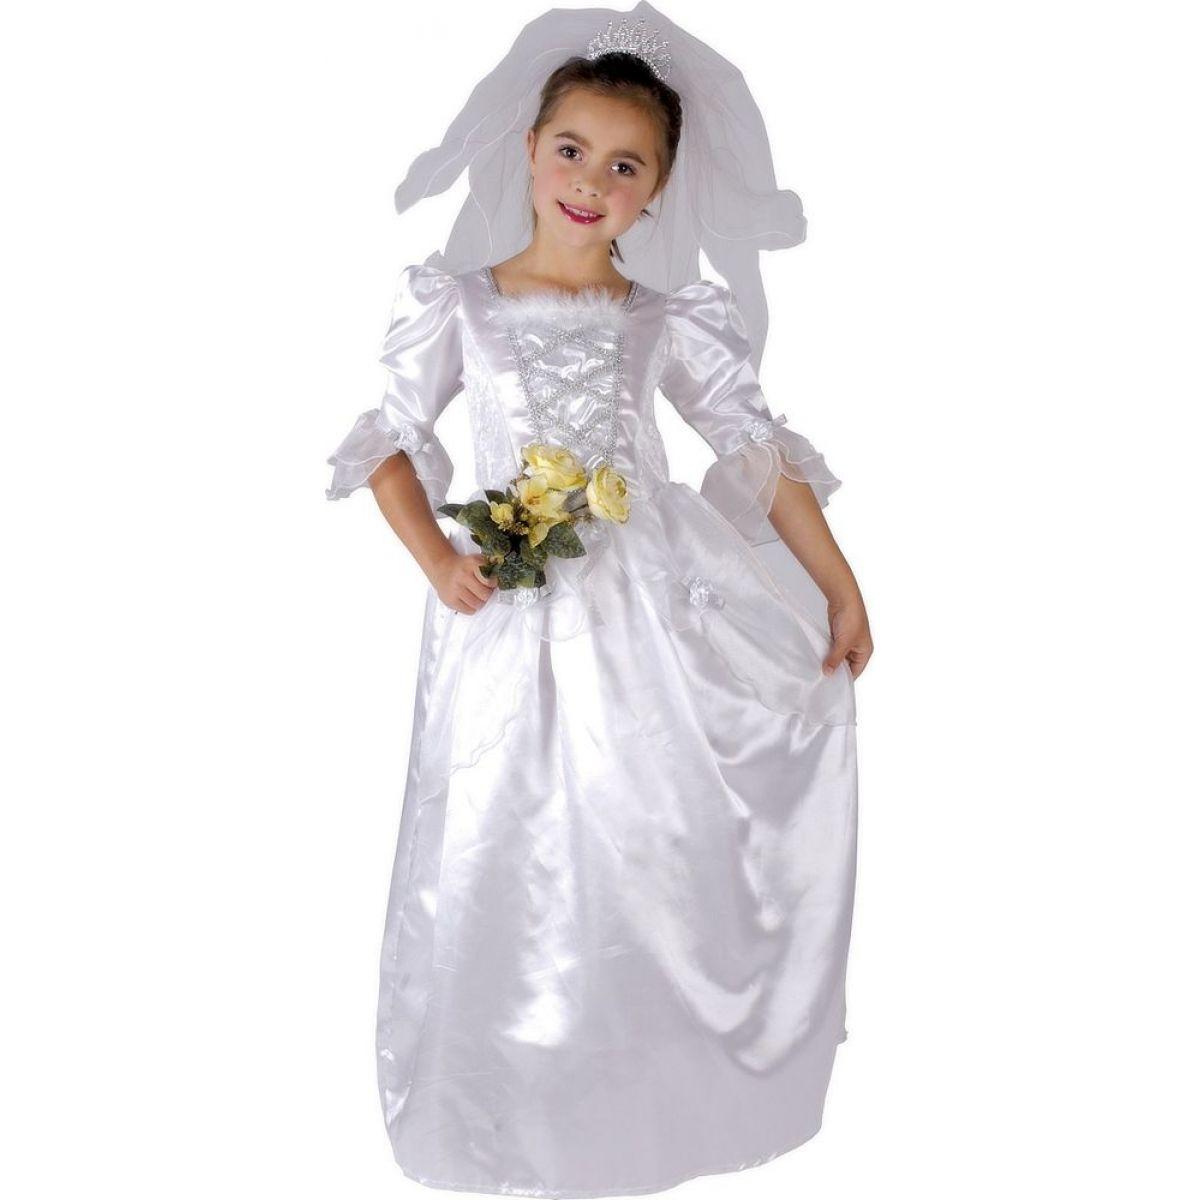 Made Dětský kostým Nevěsta 110-120cm - Poškozený obal